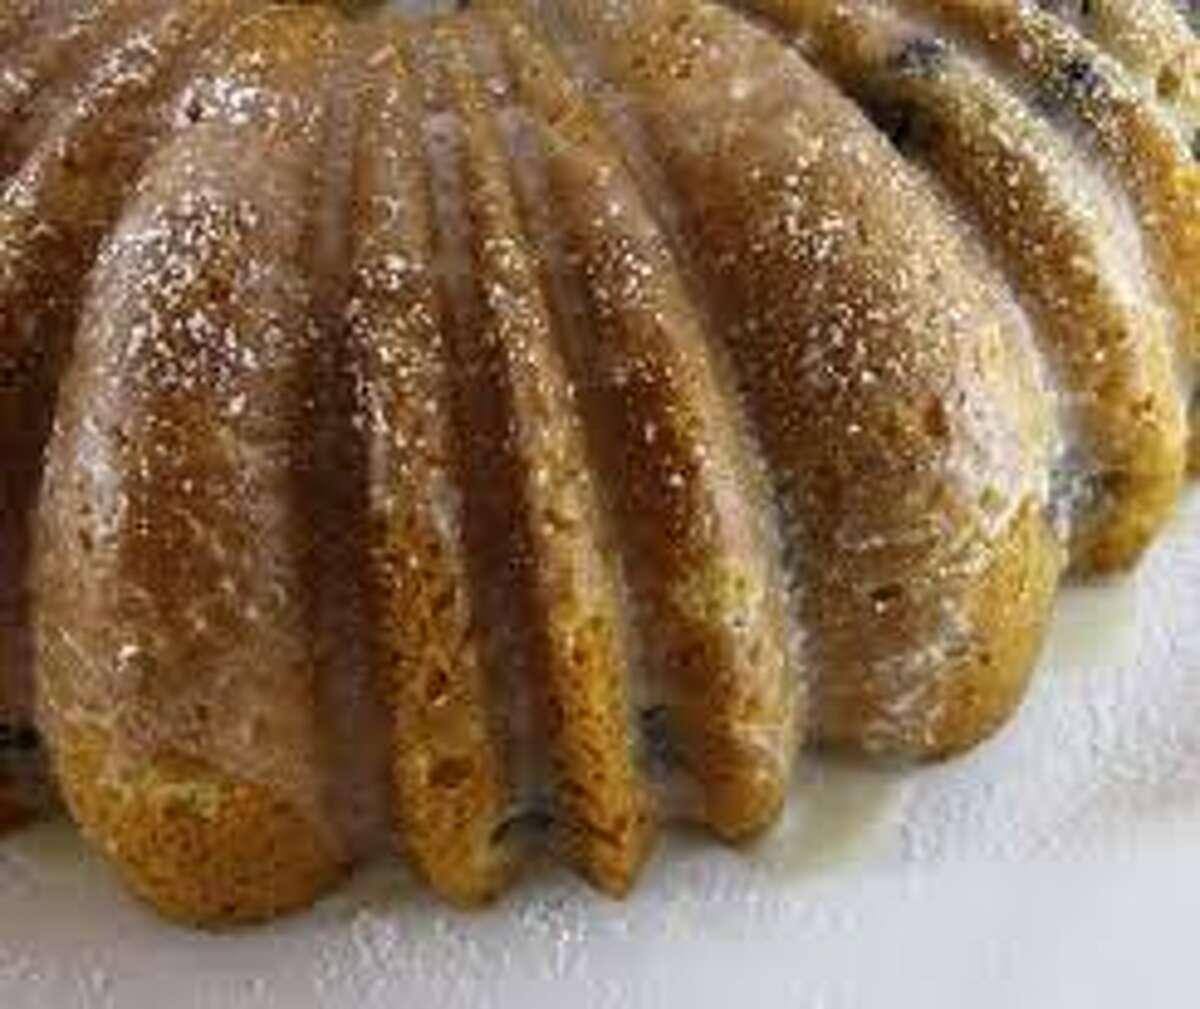 blueberry bundt cake (fahrenheit350.blogspot.com)